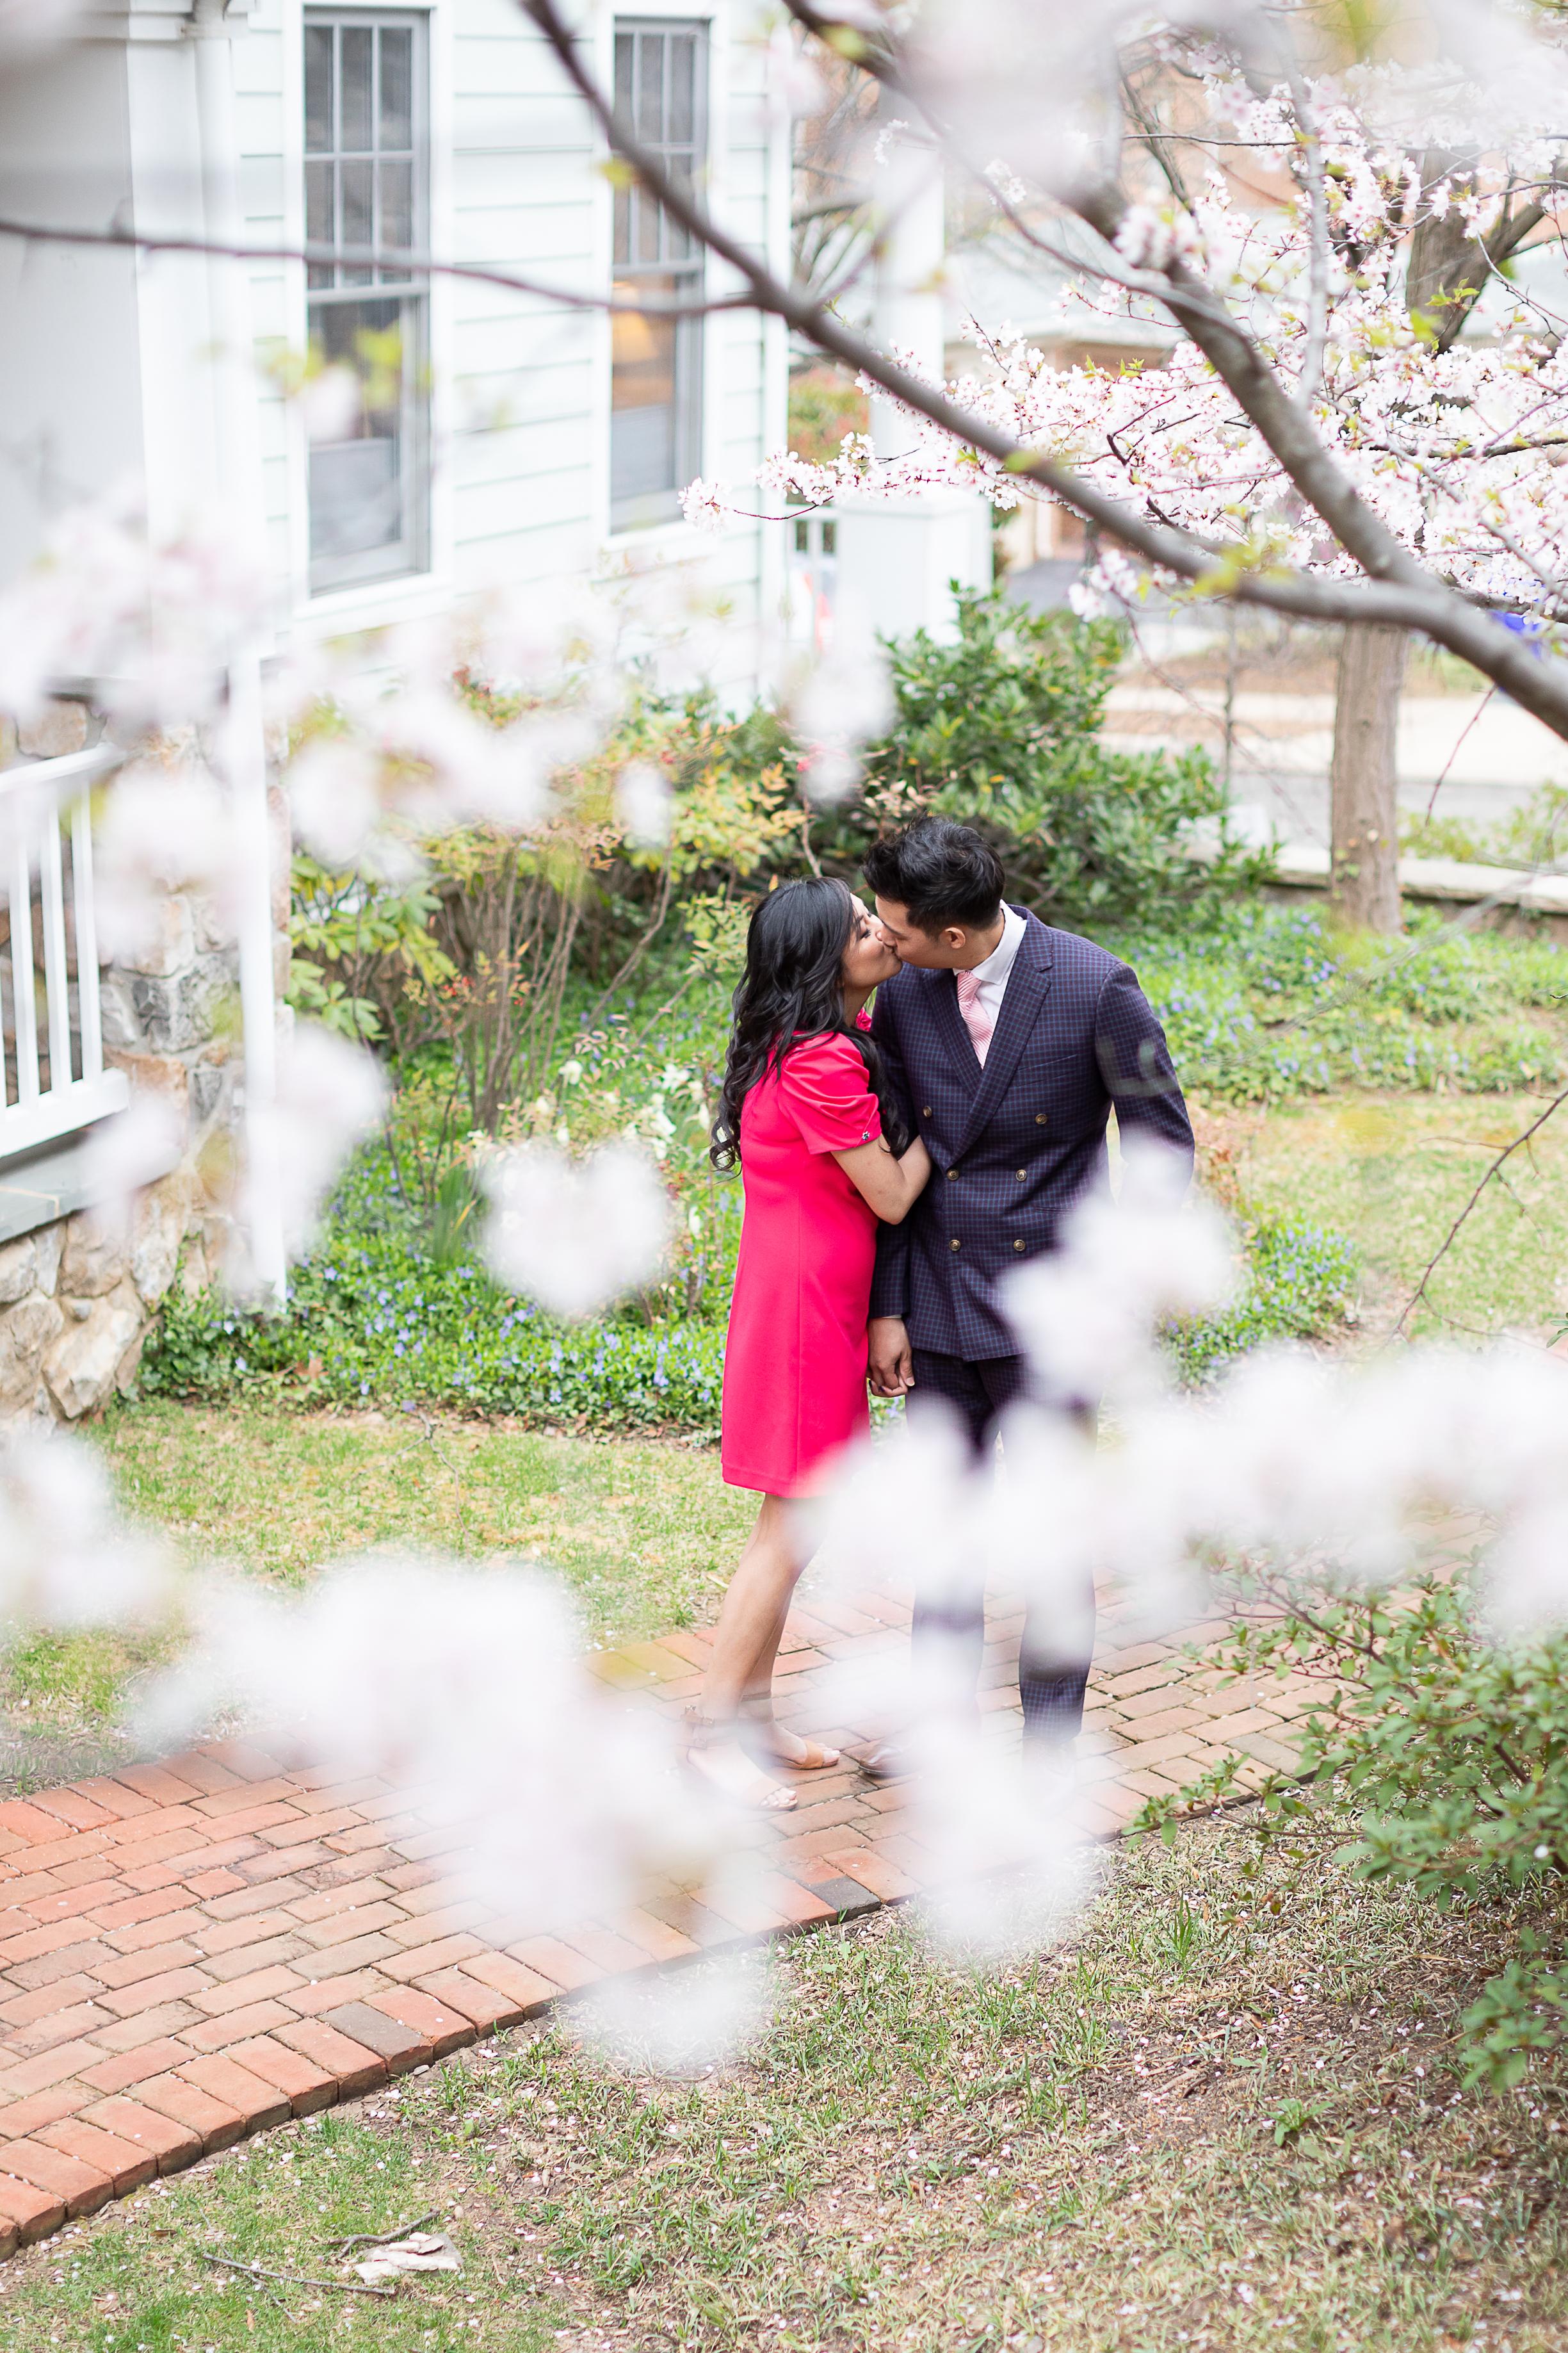 08 Trina-Ed-Engagement-Kim-Pham-Clark-Photography-44.jpg